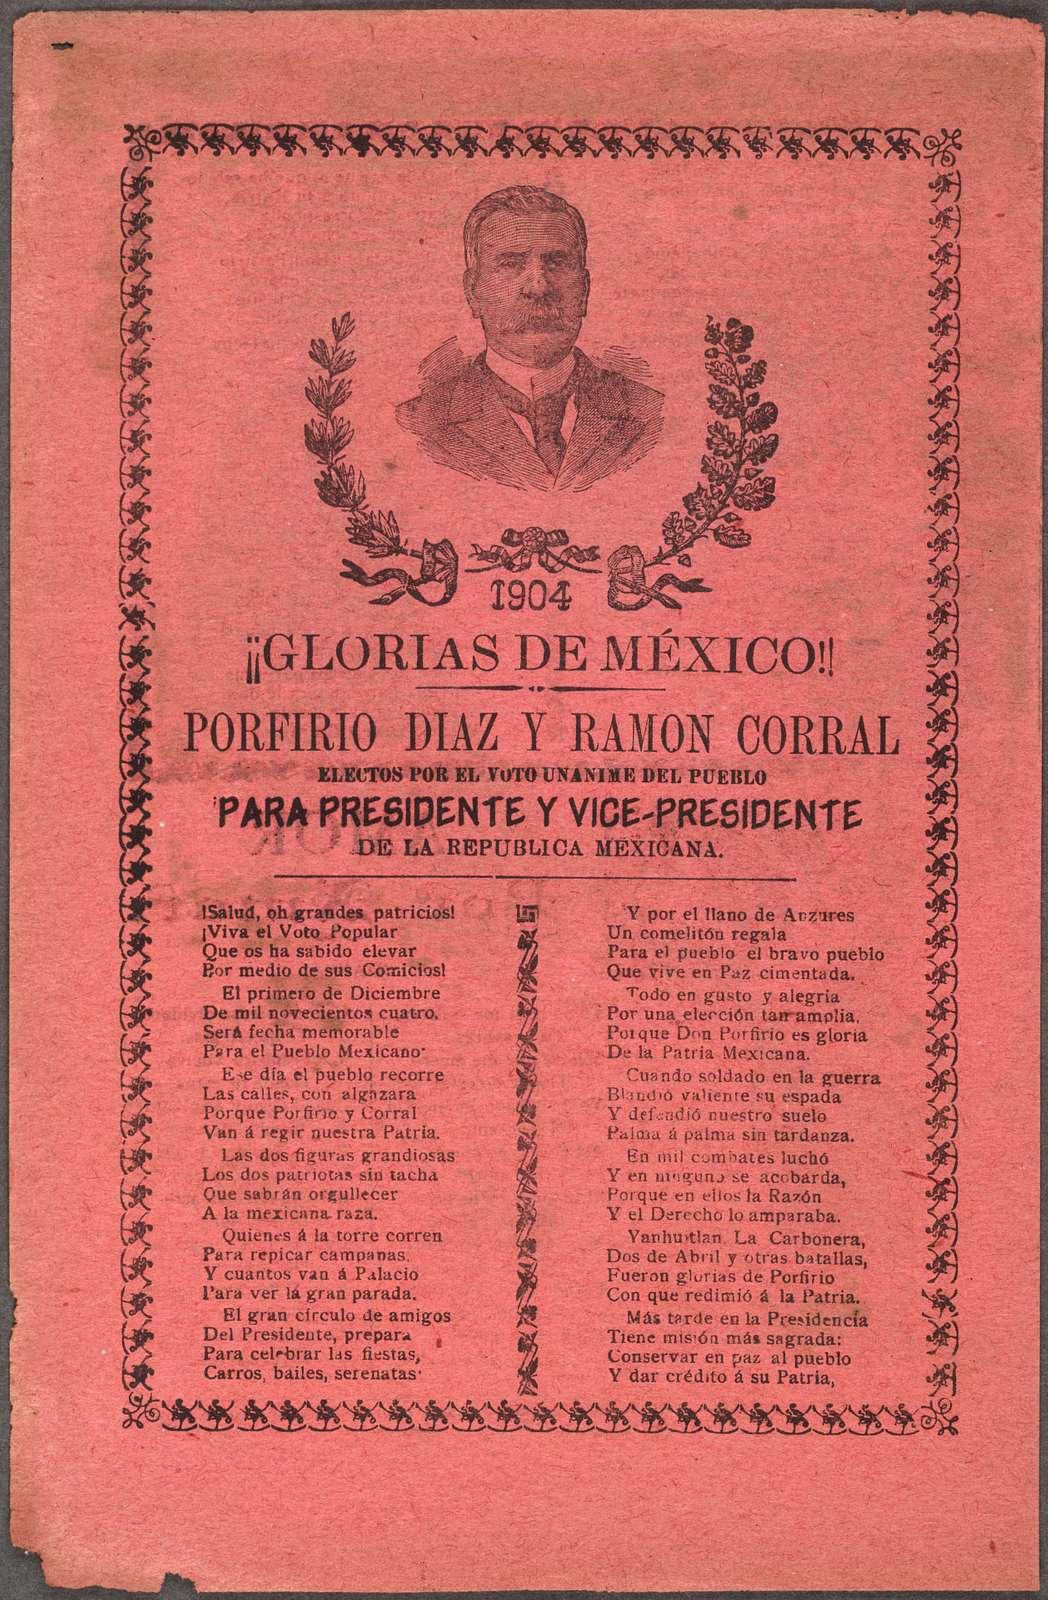 1904 glorias de México! Porfirio Díaz y Ramón Corral electos por el voto unánime del pueblo para presidente y vice-presidente de la República Mexicana